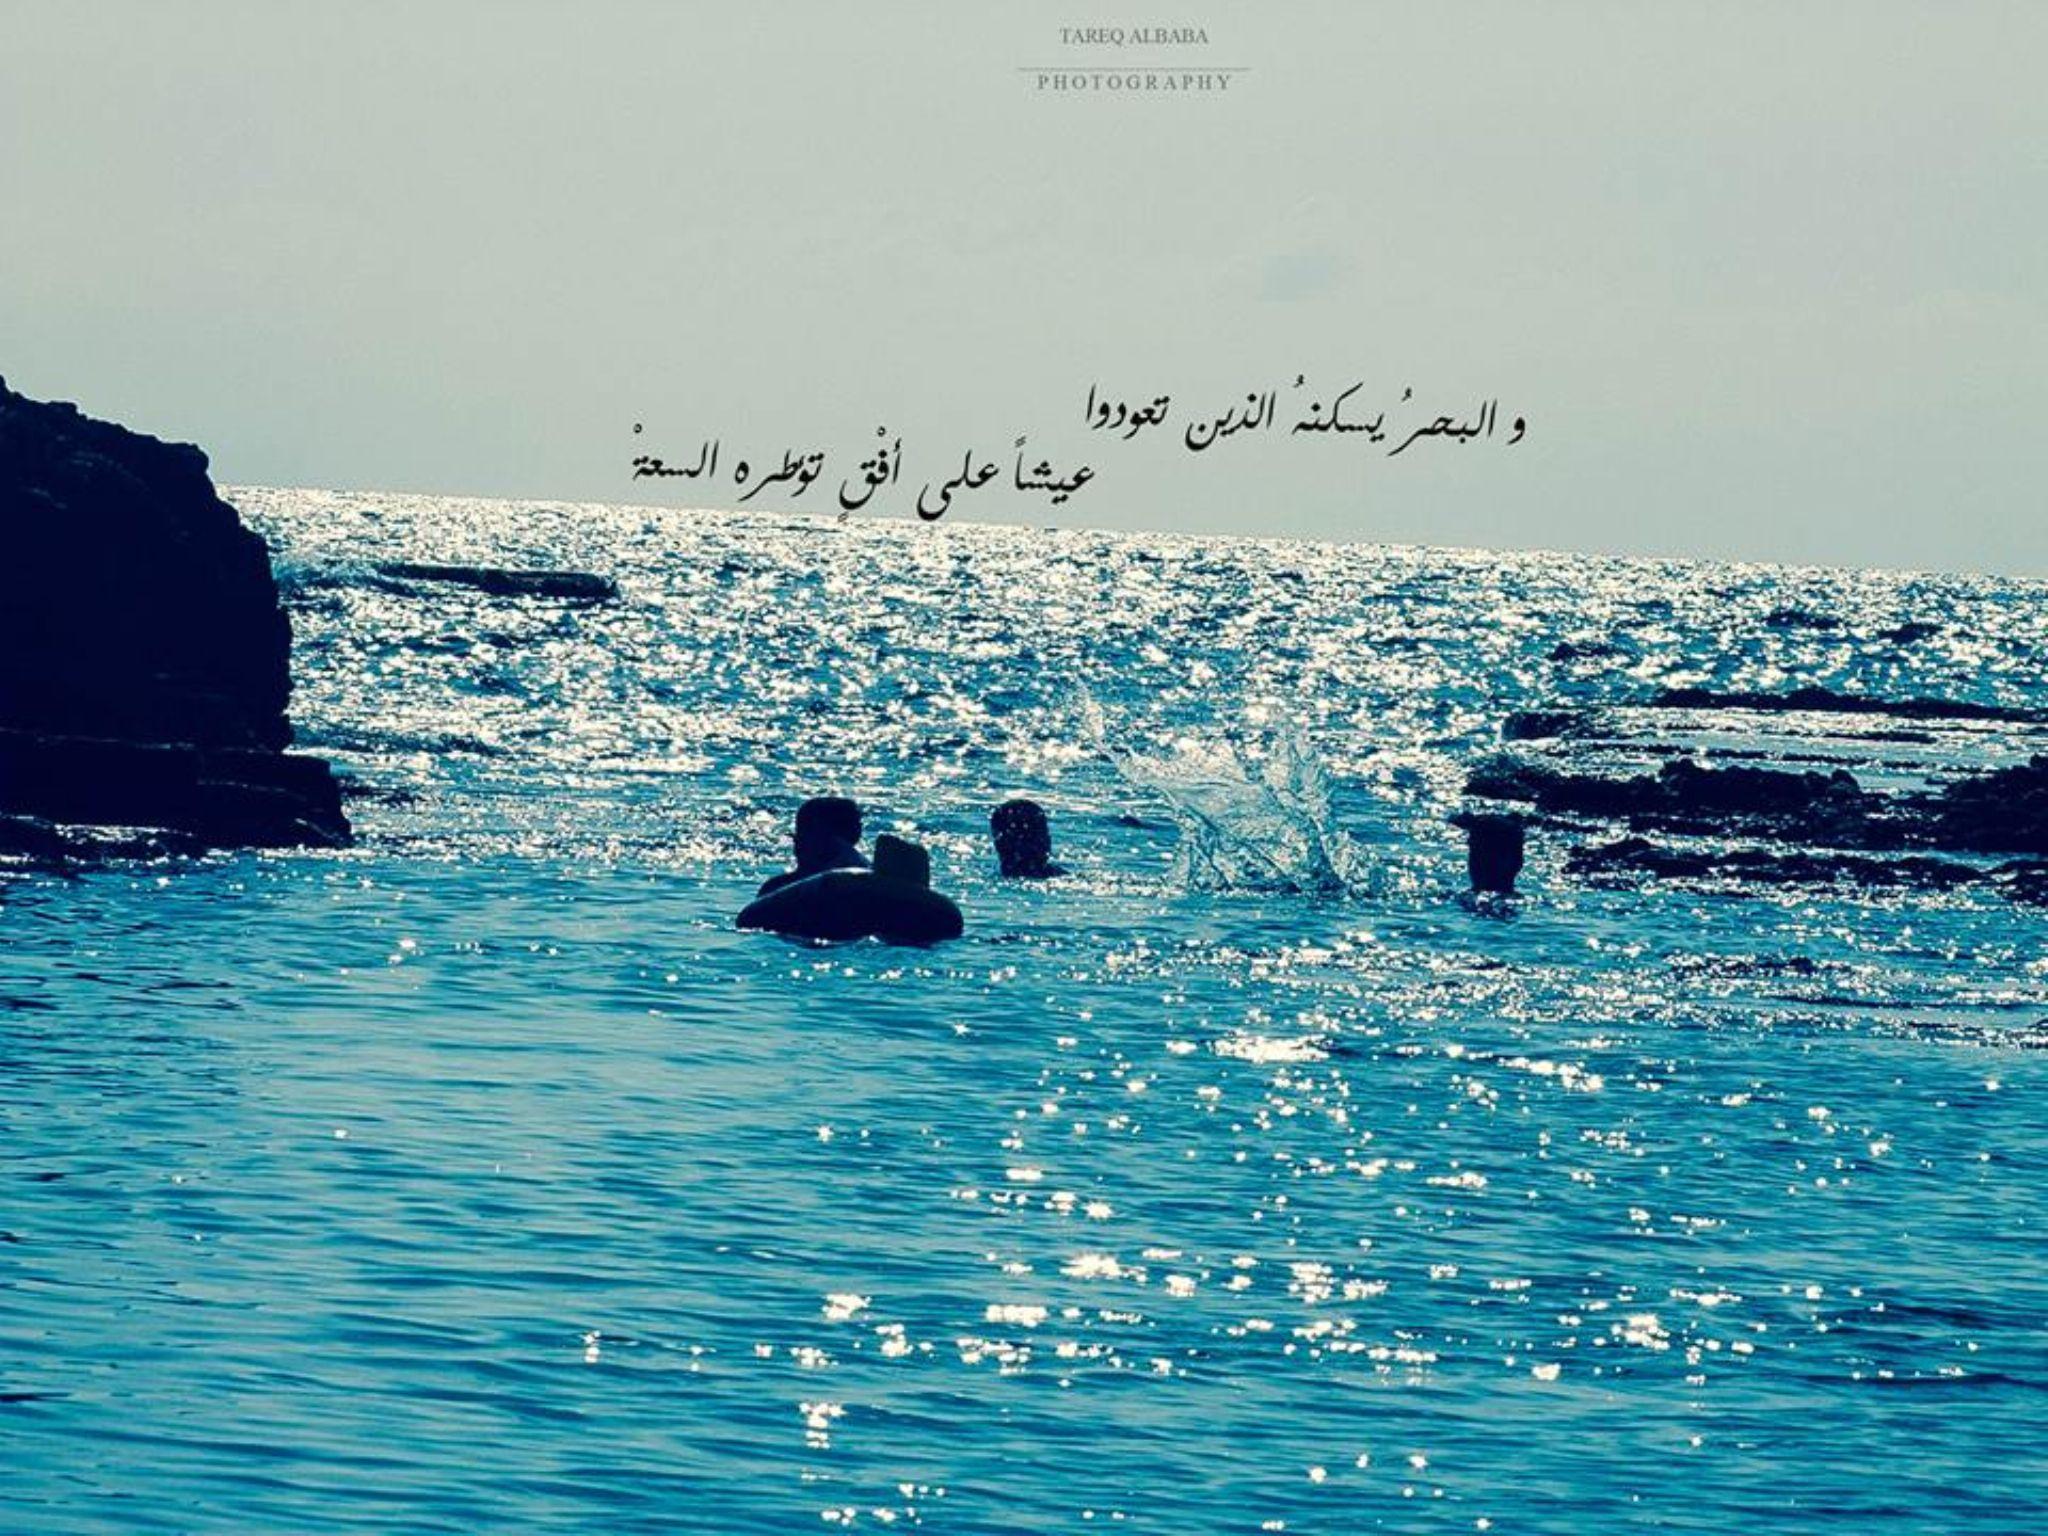 و البحر يسكنه الذين تعودوا  عيشاً على أفْقٍ تؤطره السعةْ by Tareq Albaba